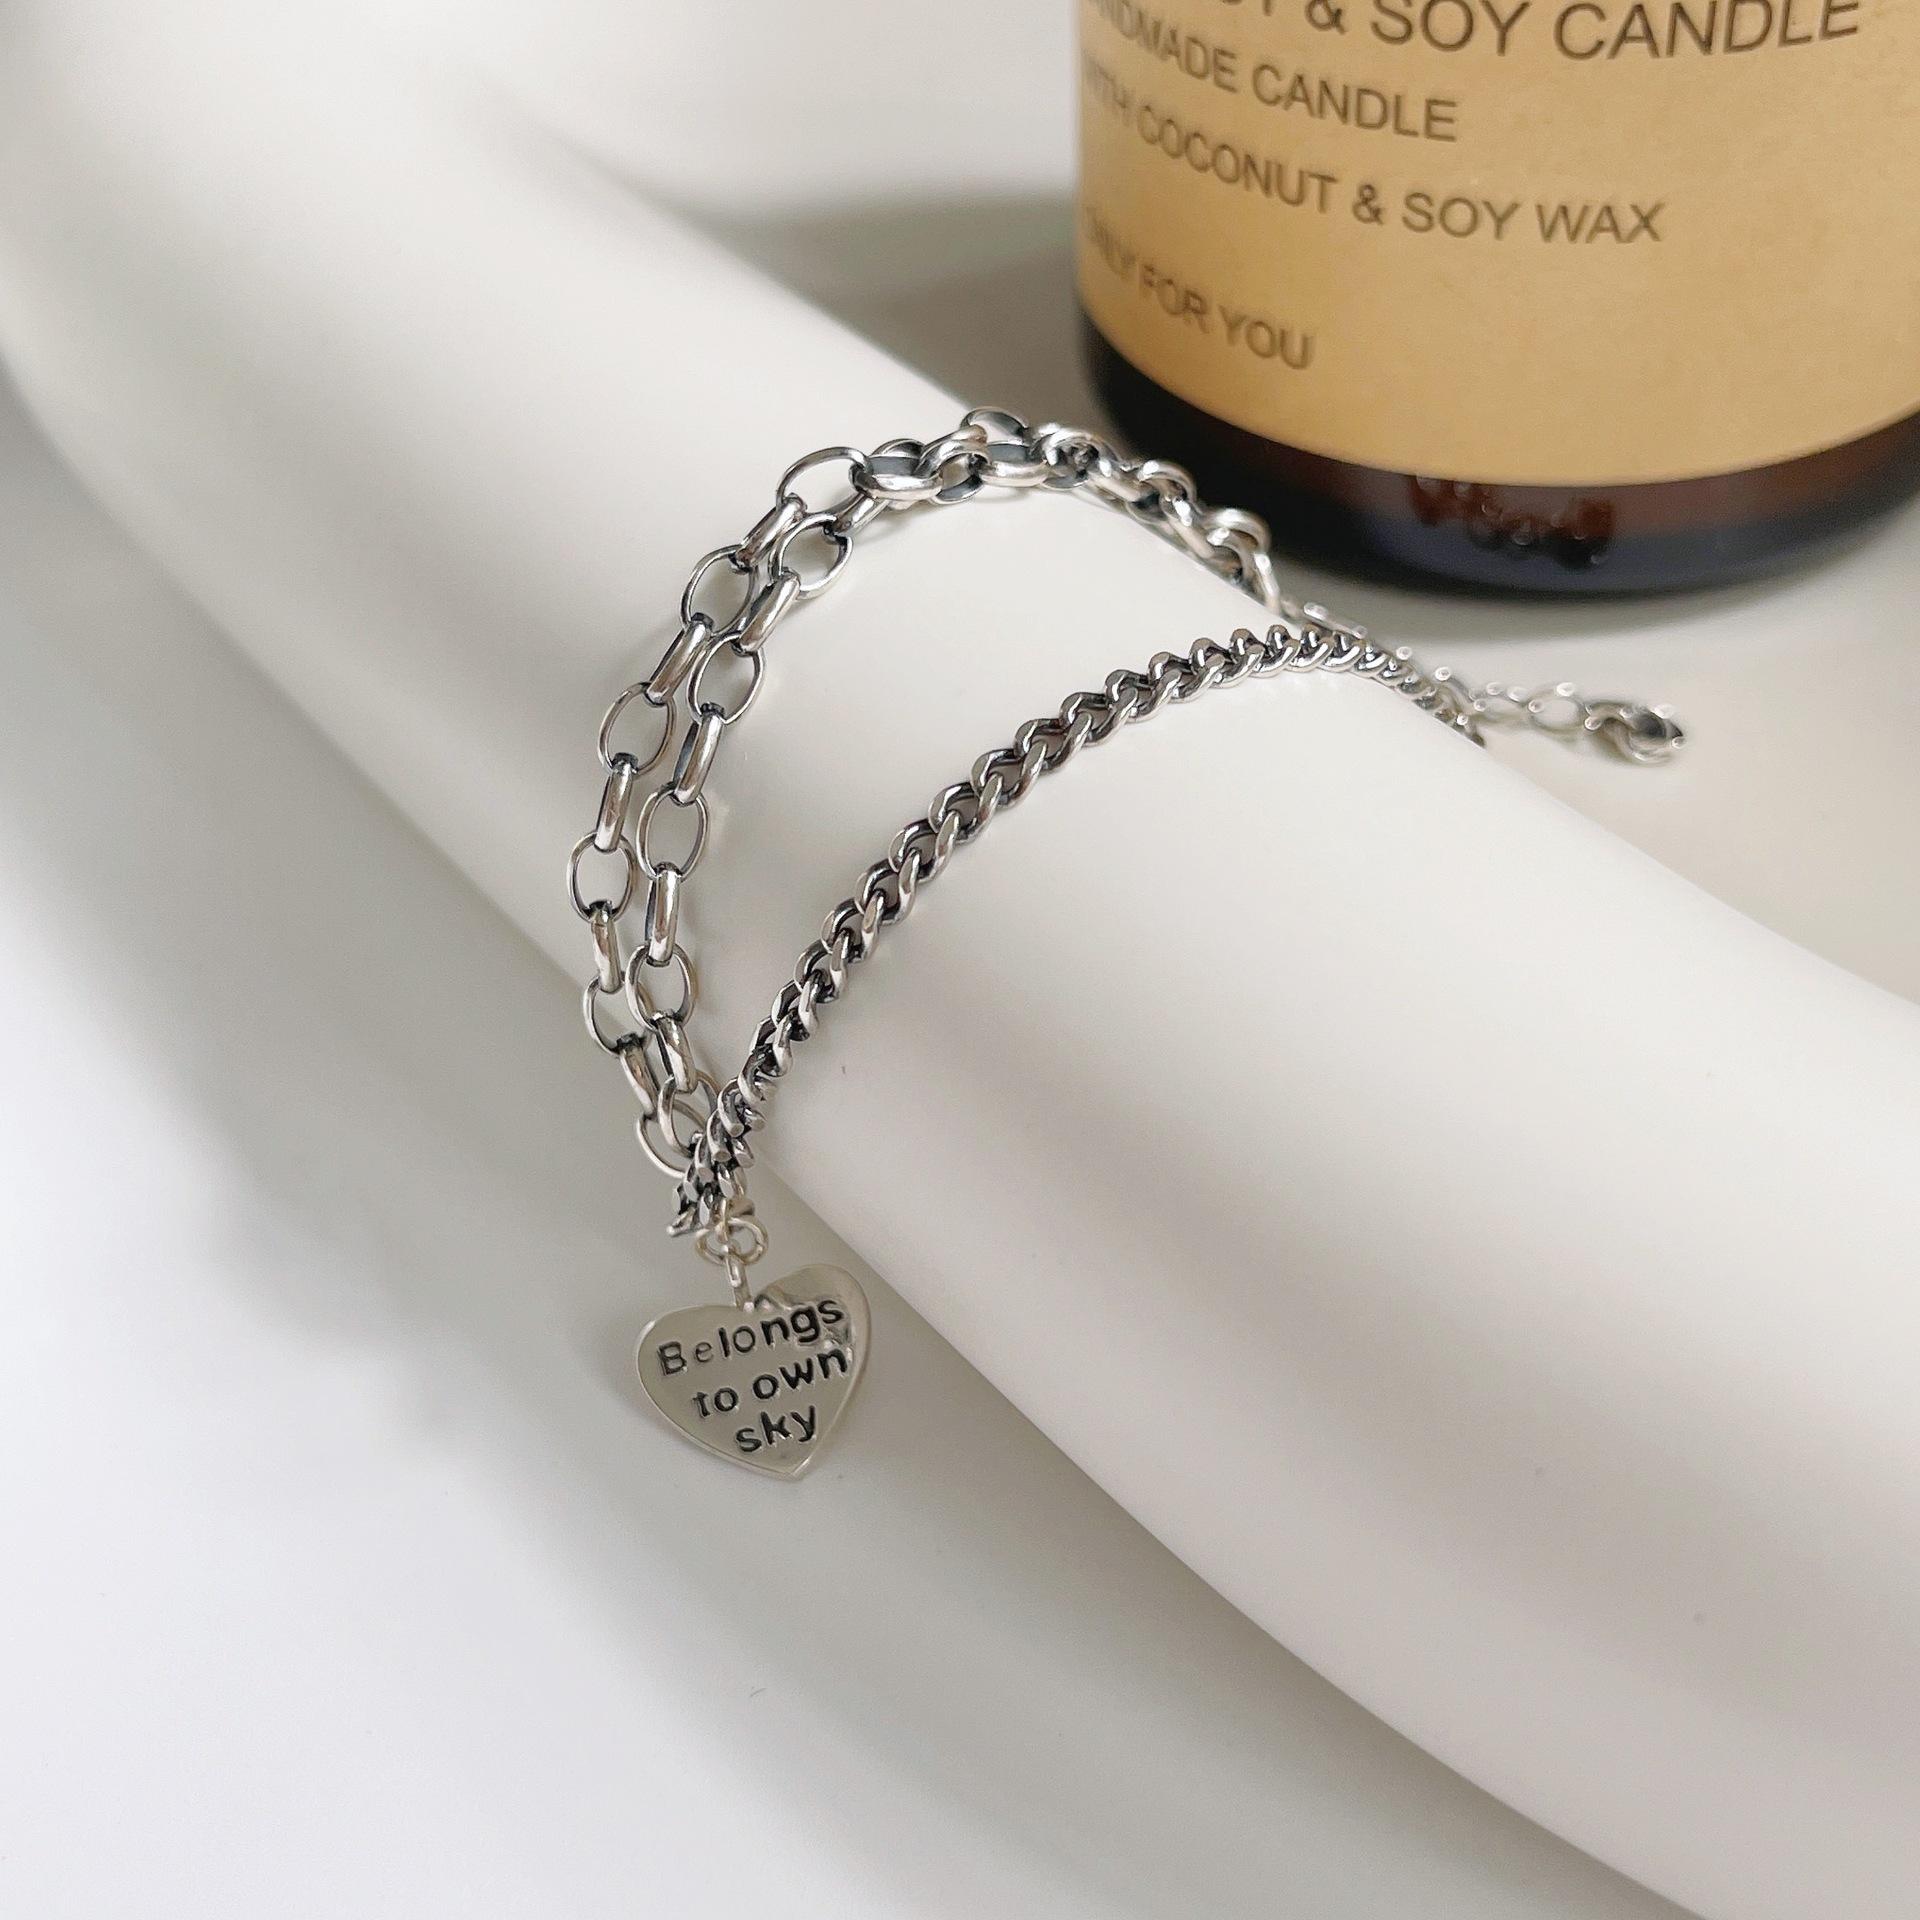 Heart Belongs To The Sky Bracelet for Cutie Bracelets